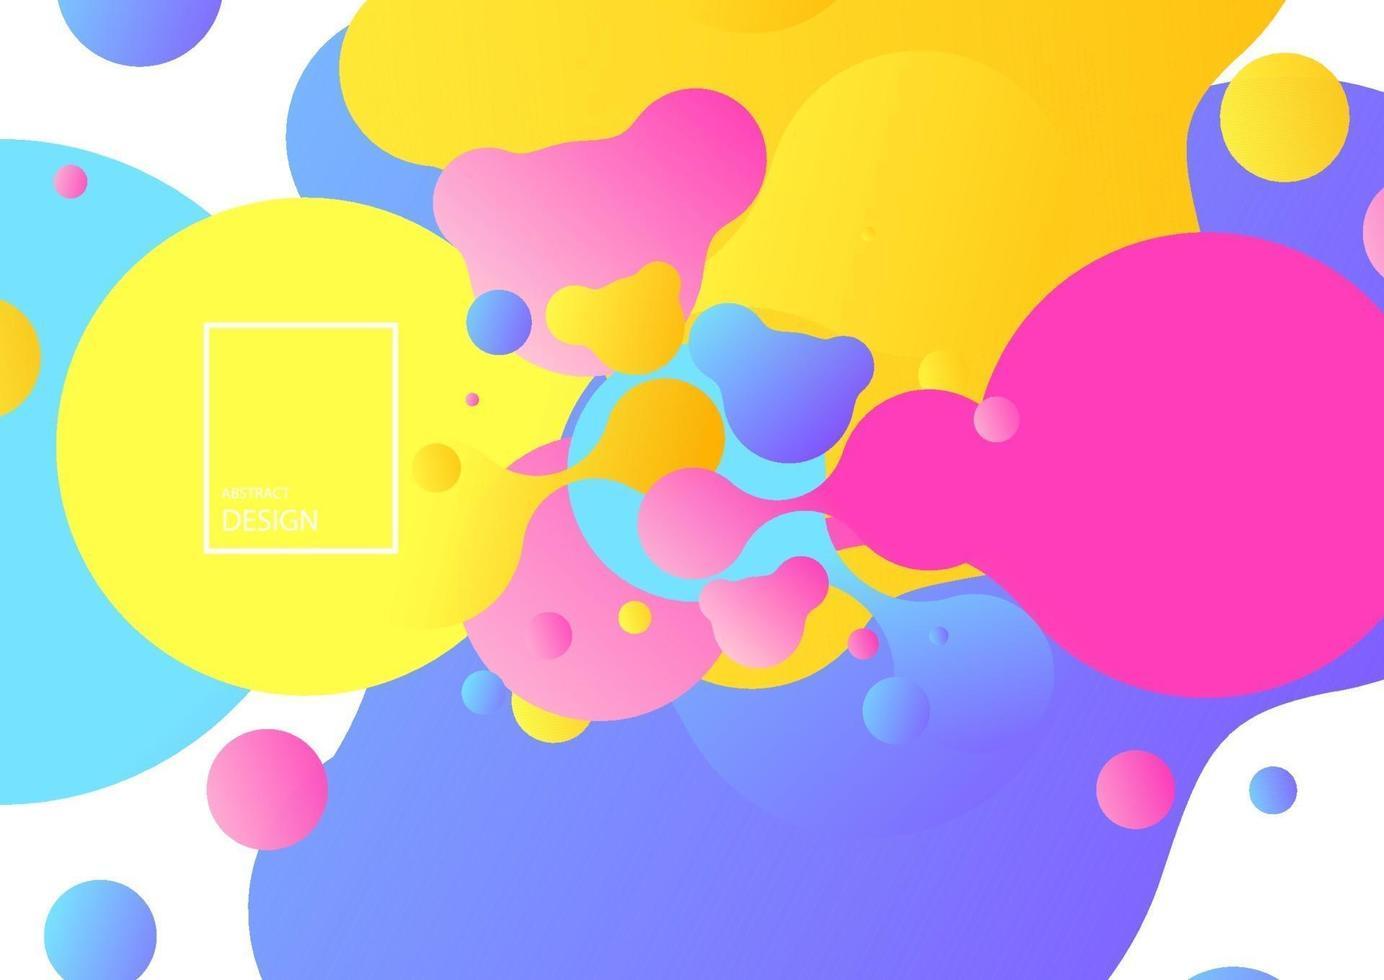 abstrakta geometriska former. flytande gradient banderoller isolerad på vitt. flytande vektor bakgrund. gradient geometriska banners med flytande flytande former. dynamisk vätskedesign för logotyp, flygblad eller present. abstrakt vektor bakgrund